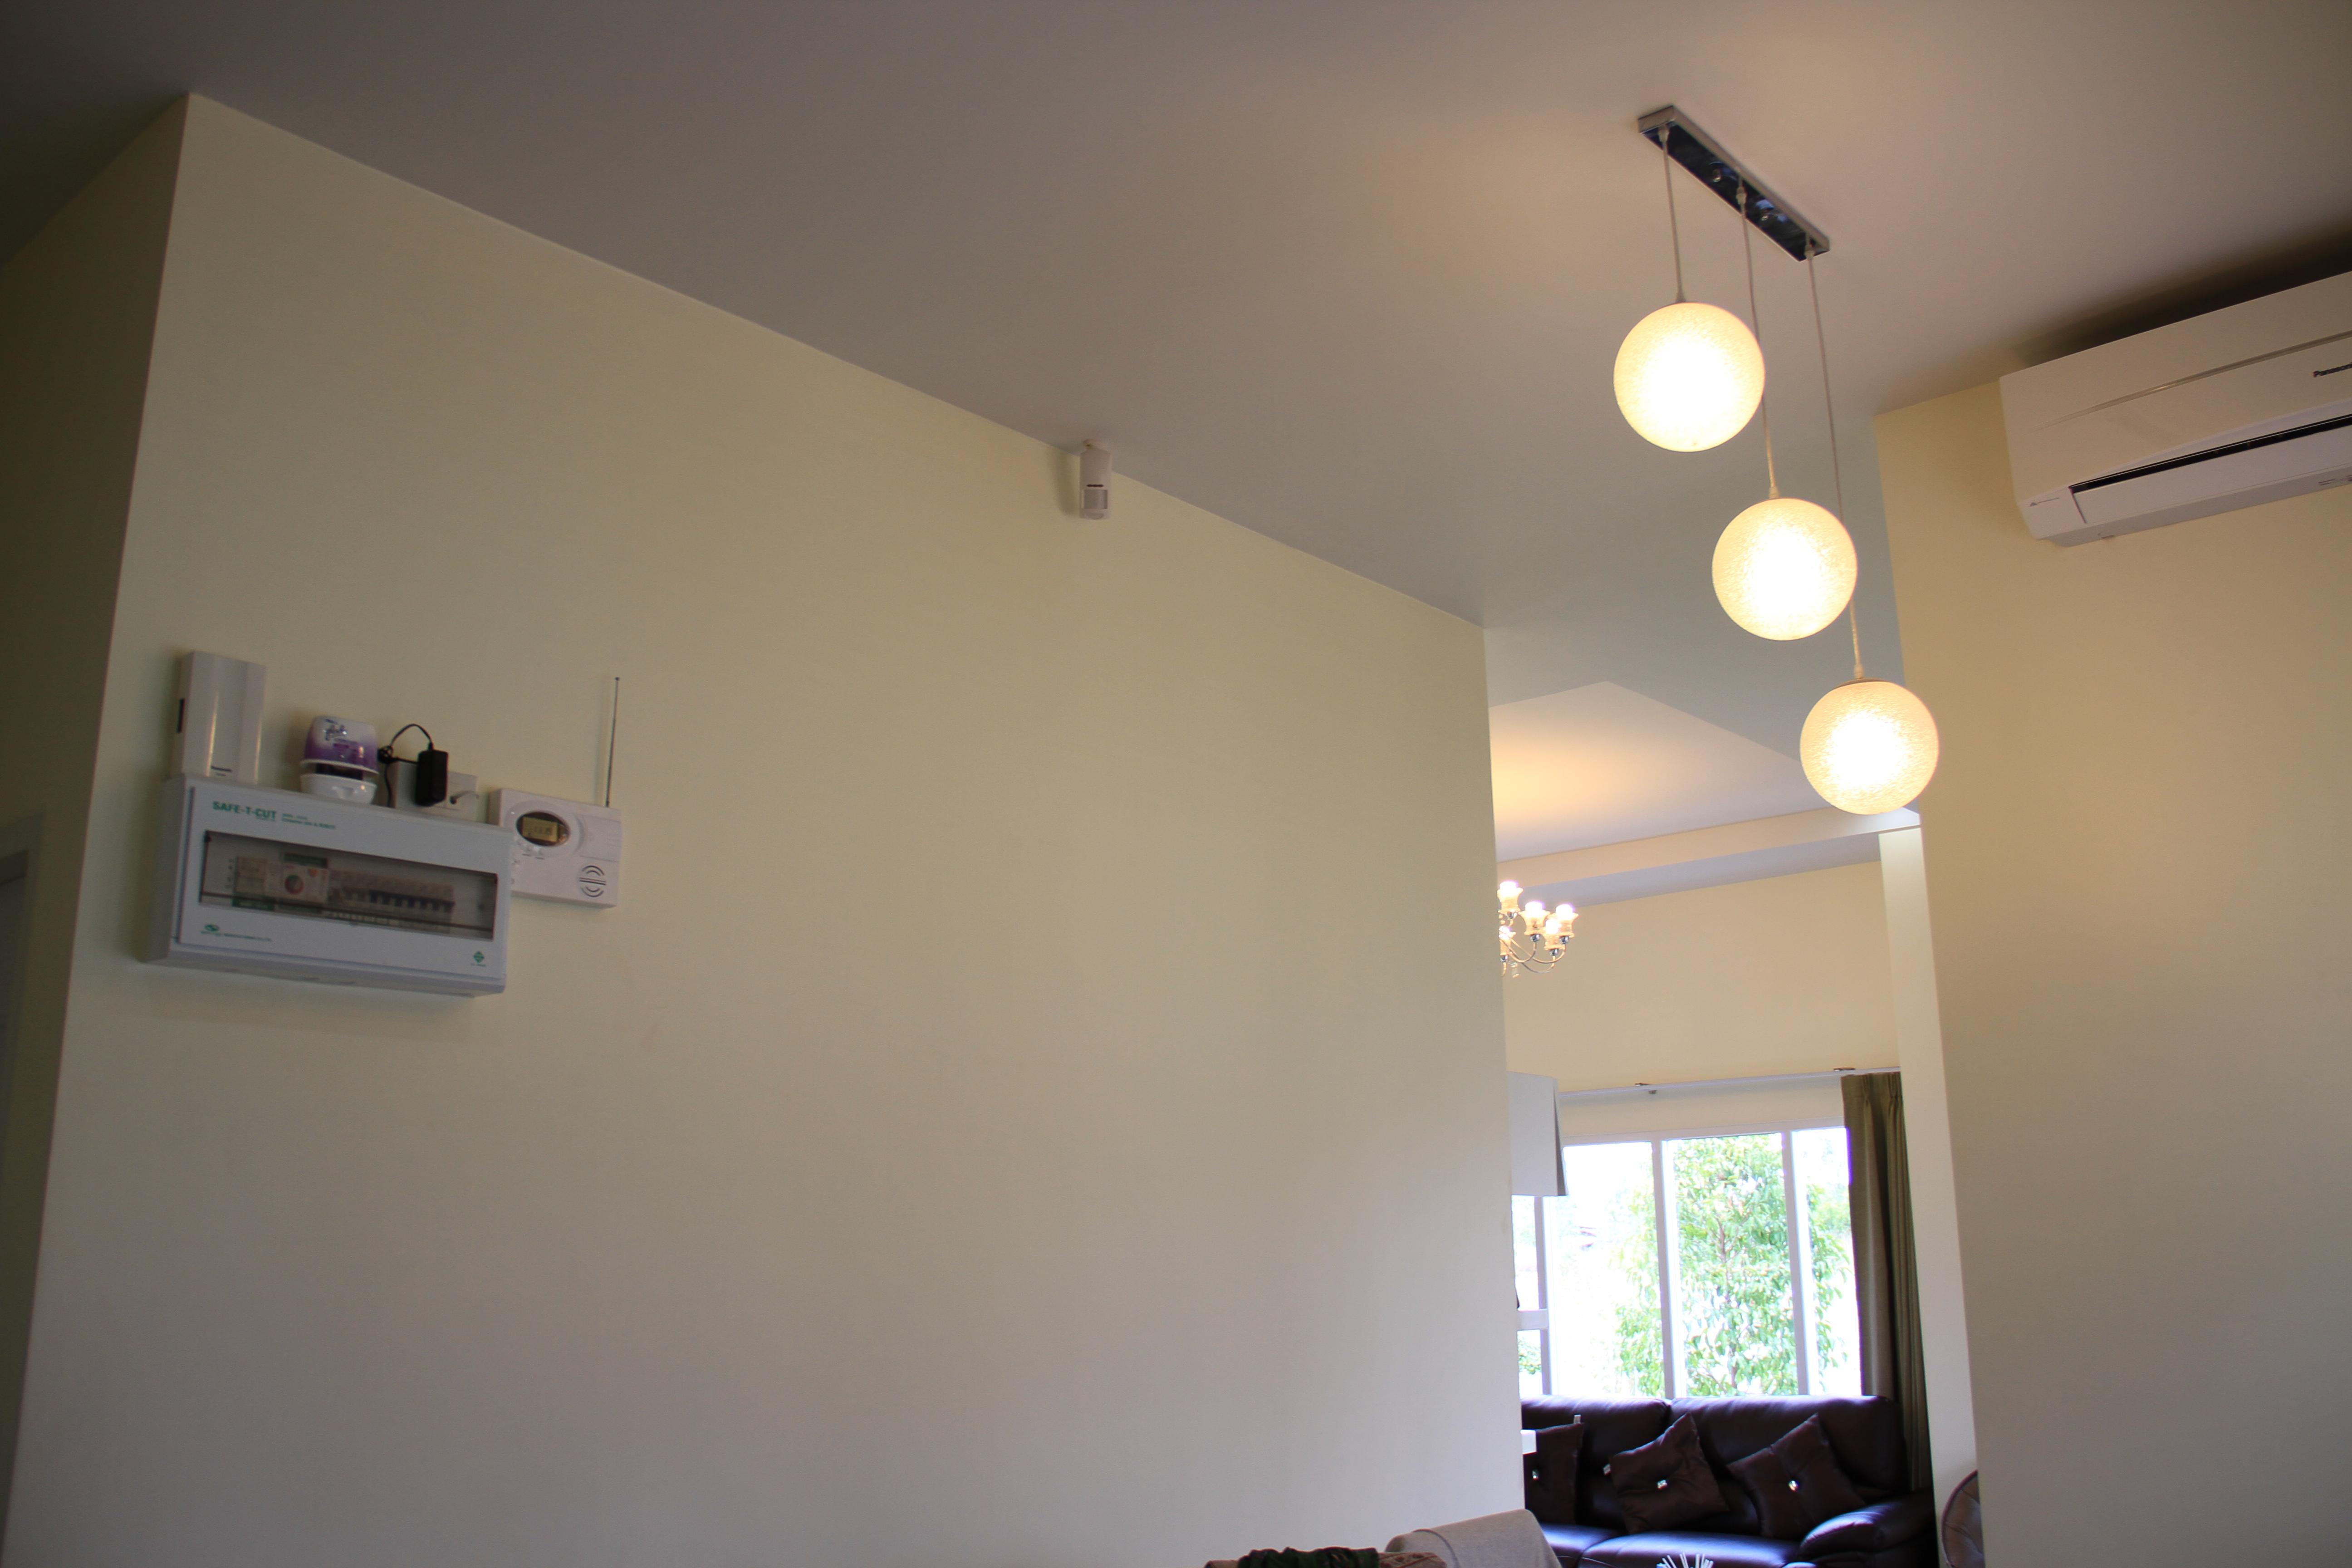 โคมไฟสวย